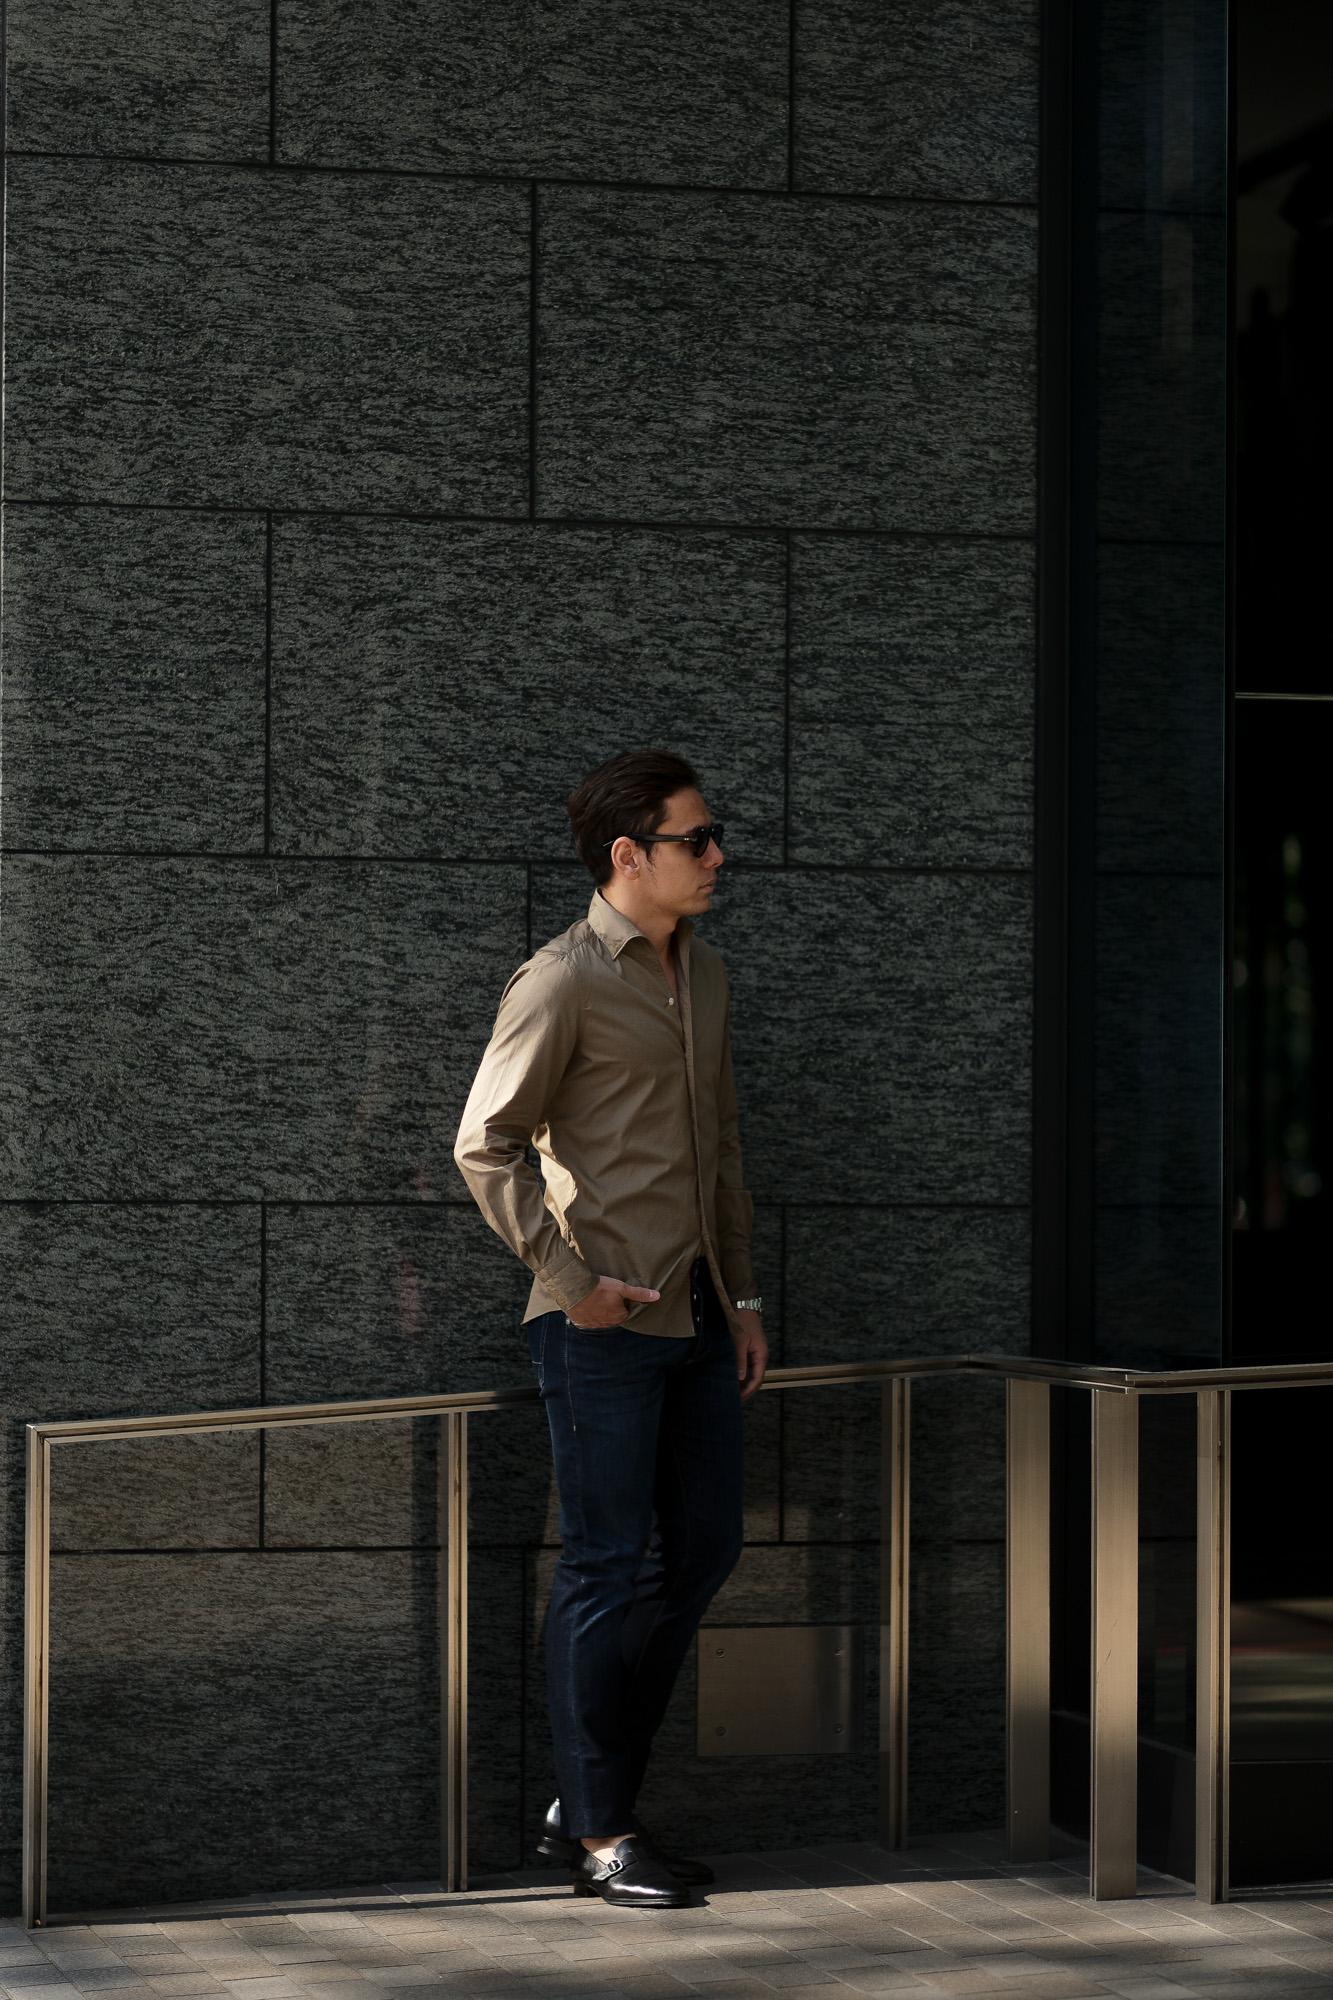 Finamore (フィナモレ) SEUL ITALIAN COLOR COTTON POPLIN SHIRTS コットンポプリン ワンピースカラー シャツ BEIGE (ベージュ・39) made in italy (イタリア製) 2020 春夏新作 愛知 名古屋 altoediritto アルトエデリット